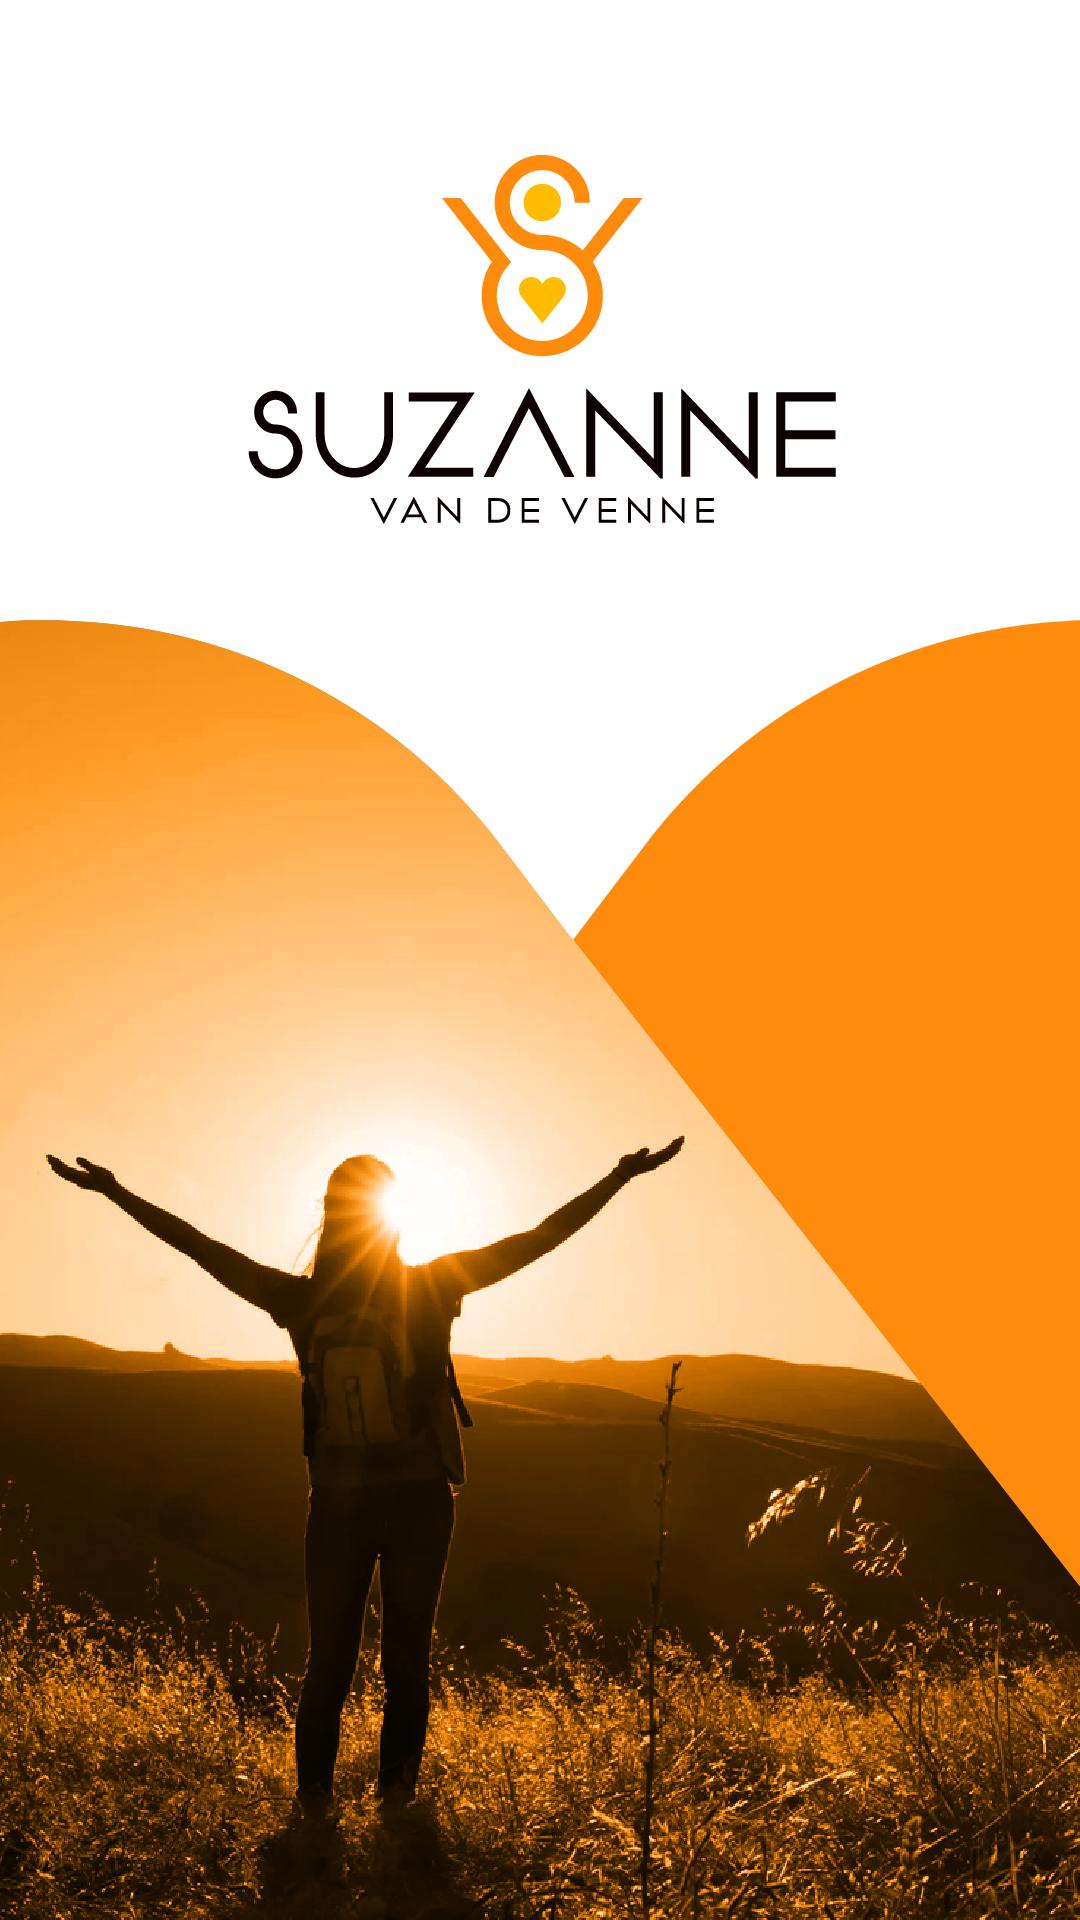 Suzanne Van De Venne